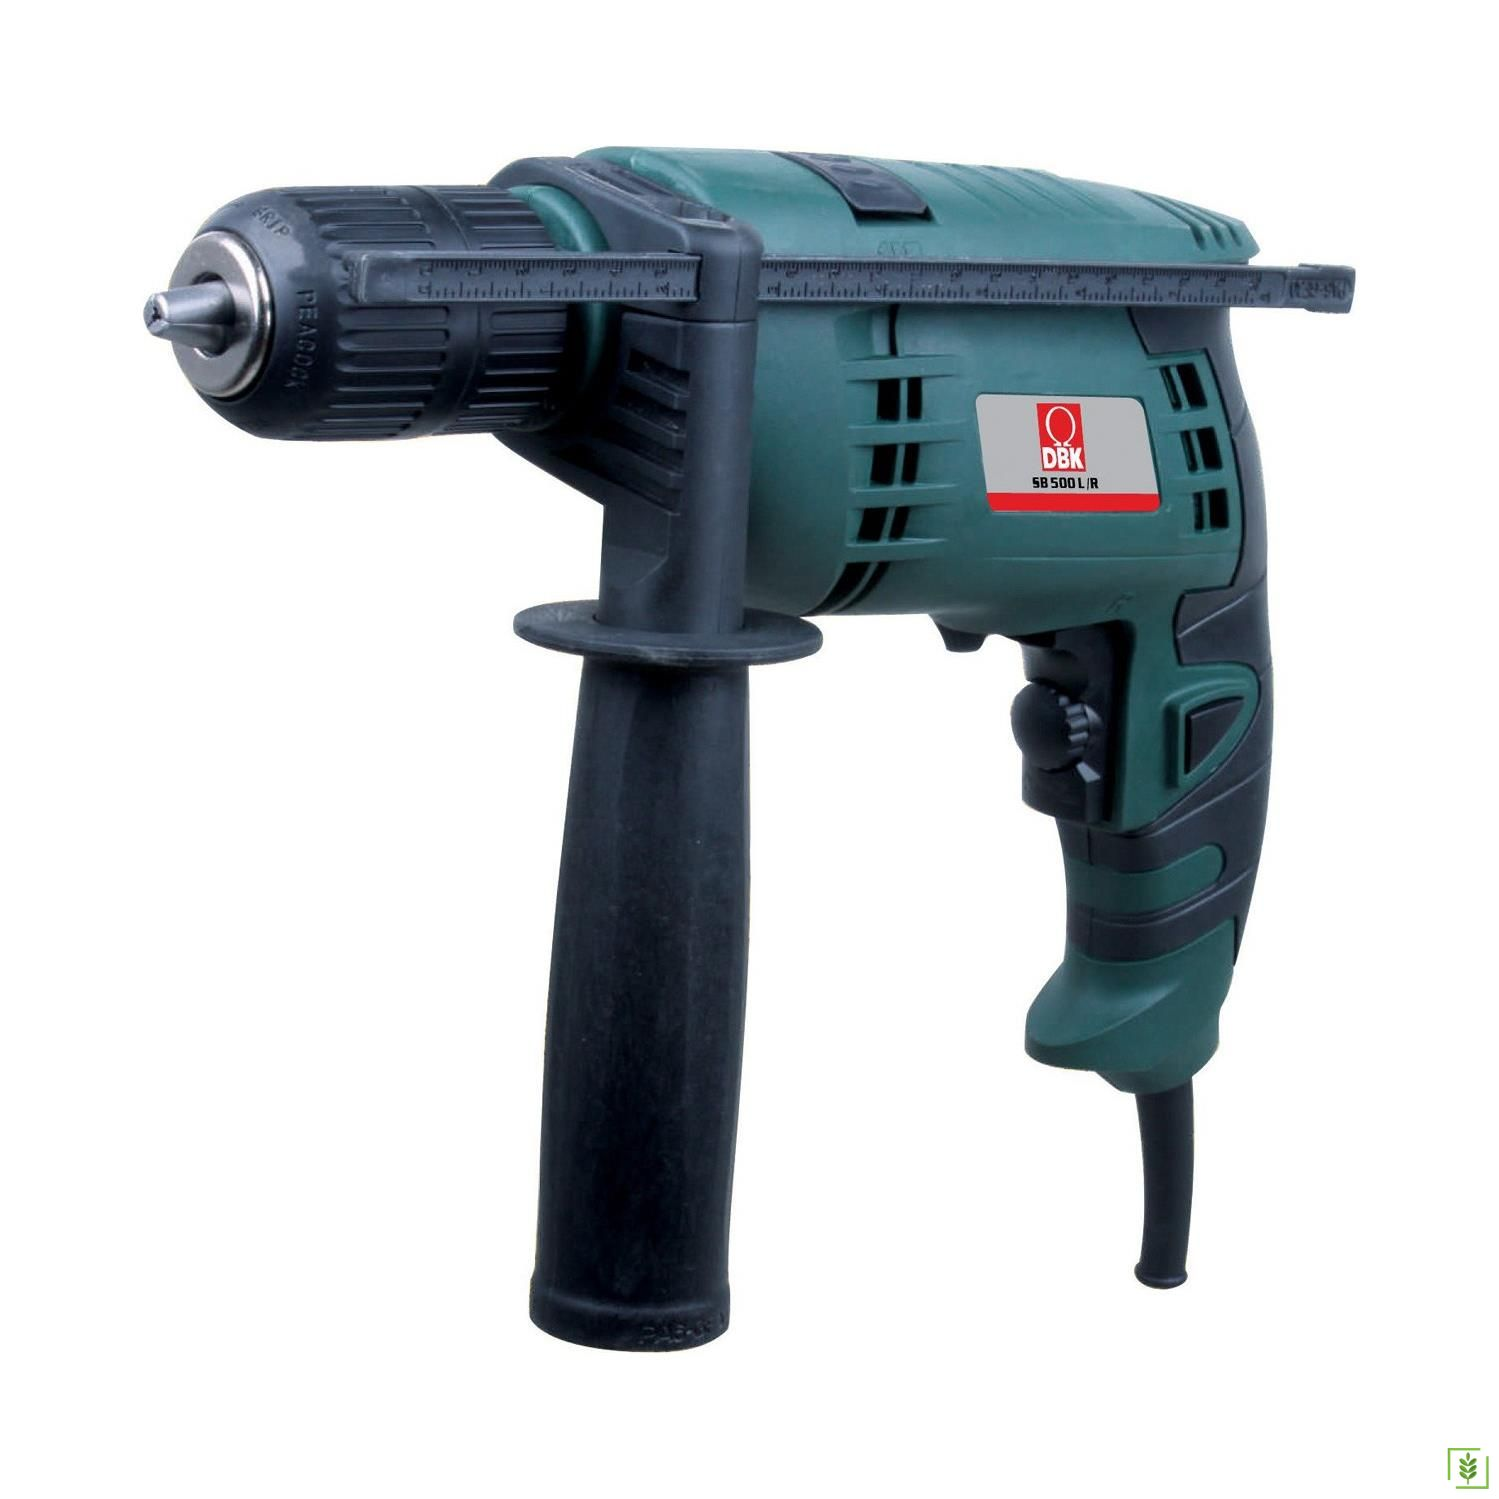 DBK SB 500 LR Darbeli Matkap 500 watt